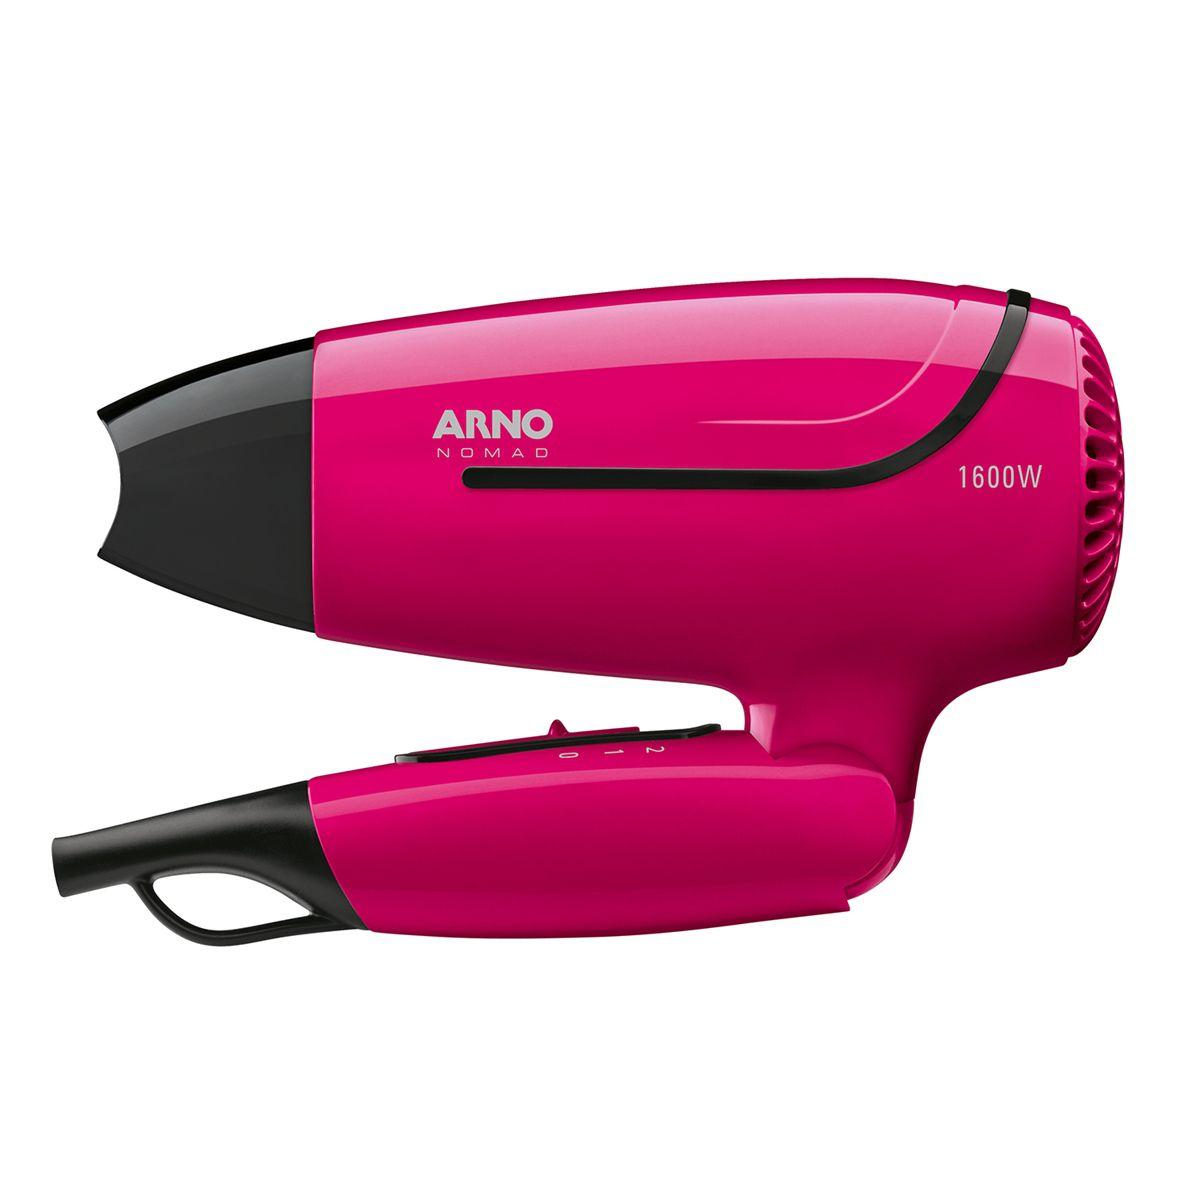 Secador Arno Noma 1600w